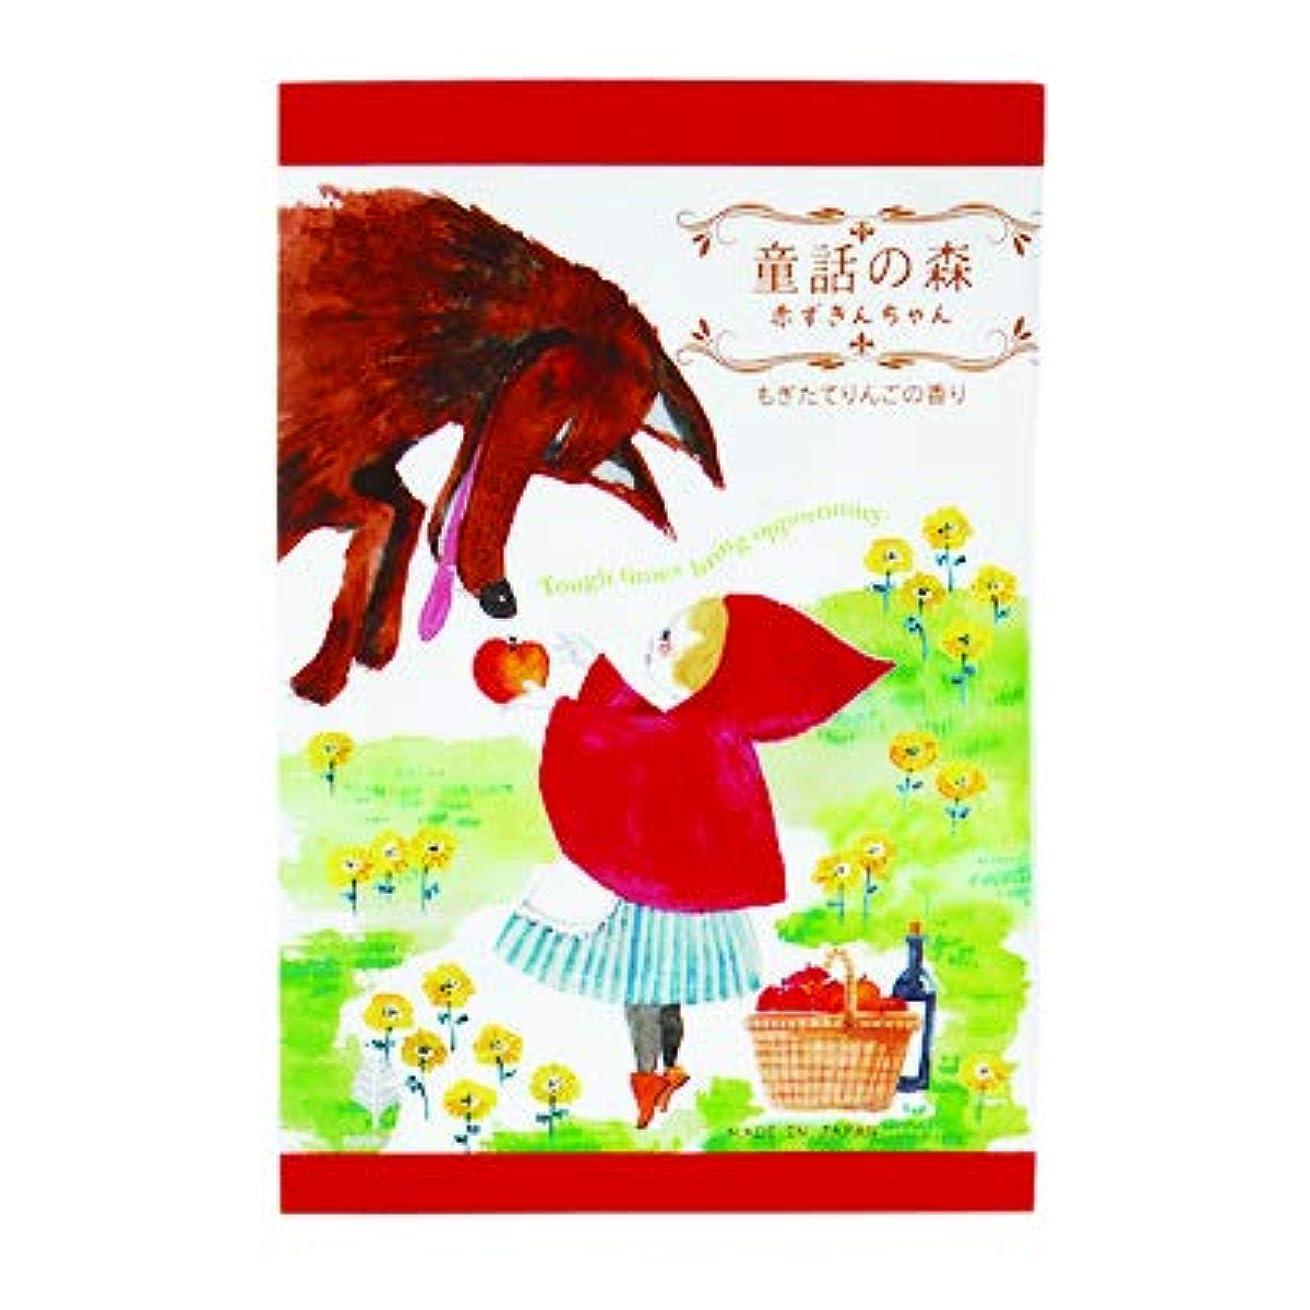 冷笑する議題法律により【まとめ買い6個セット】 童話の森 赤ずきんちゃん